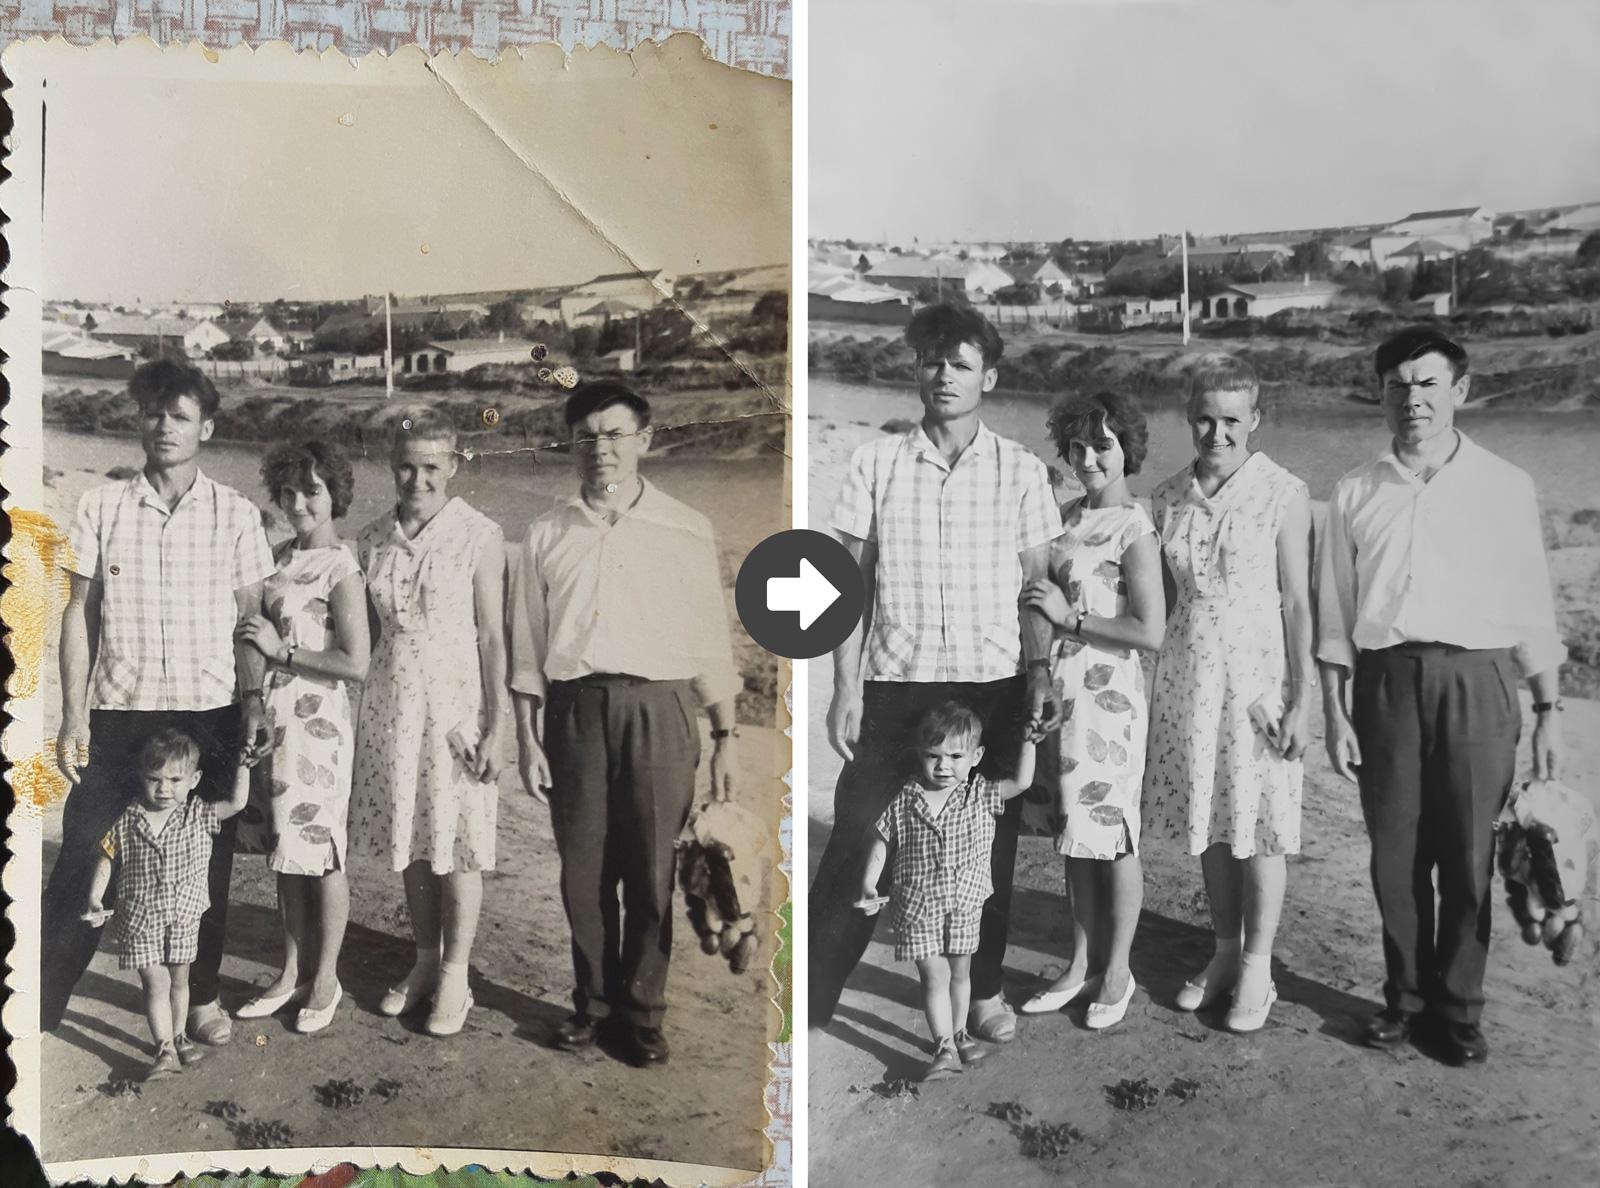 павлодар реставрация старых фотографий потому, что входит